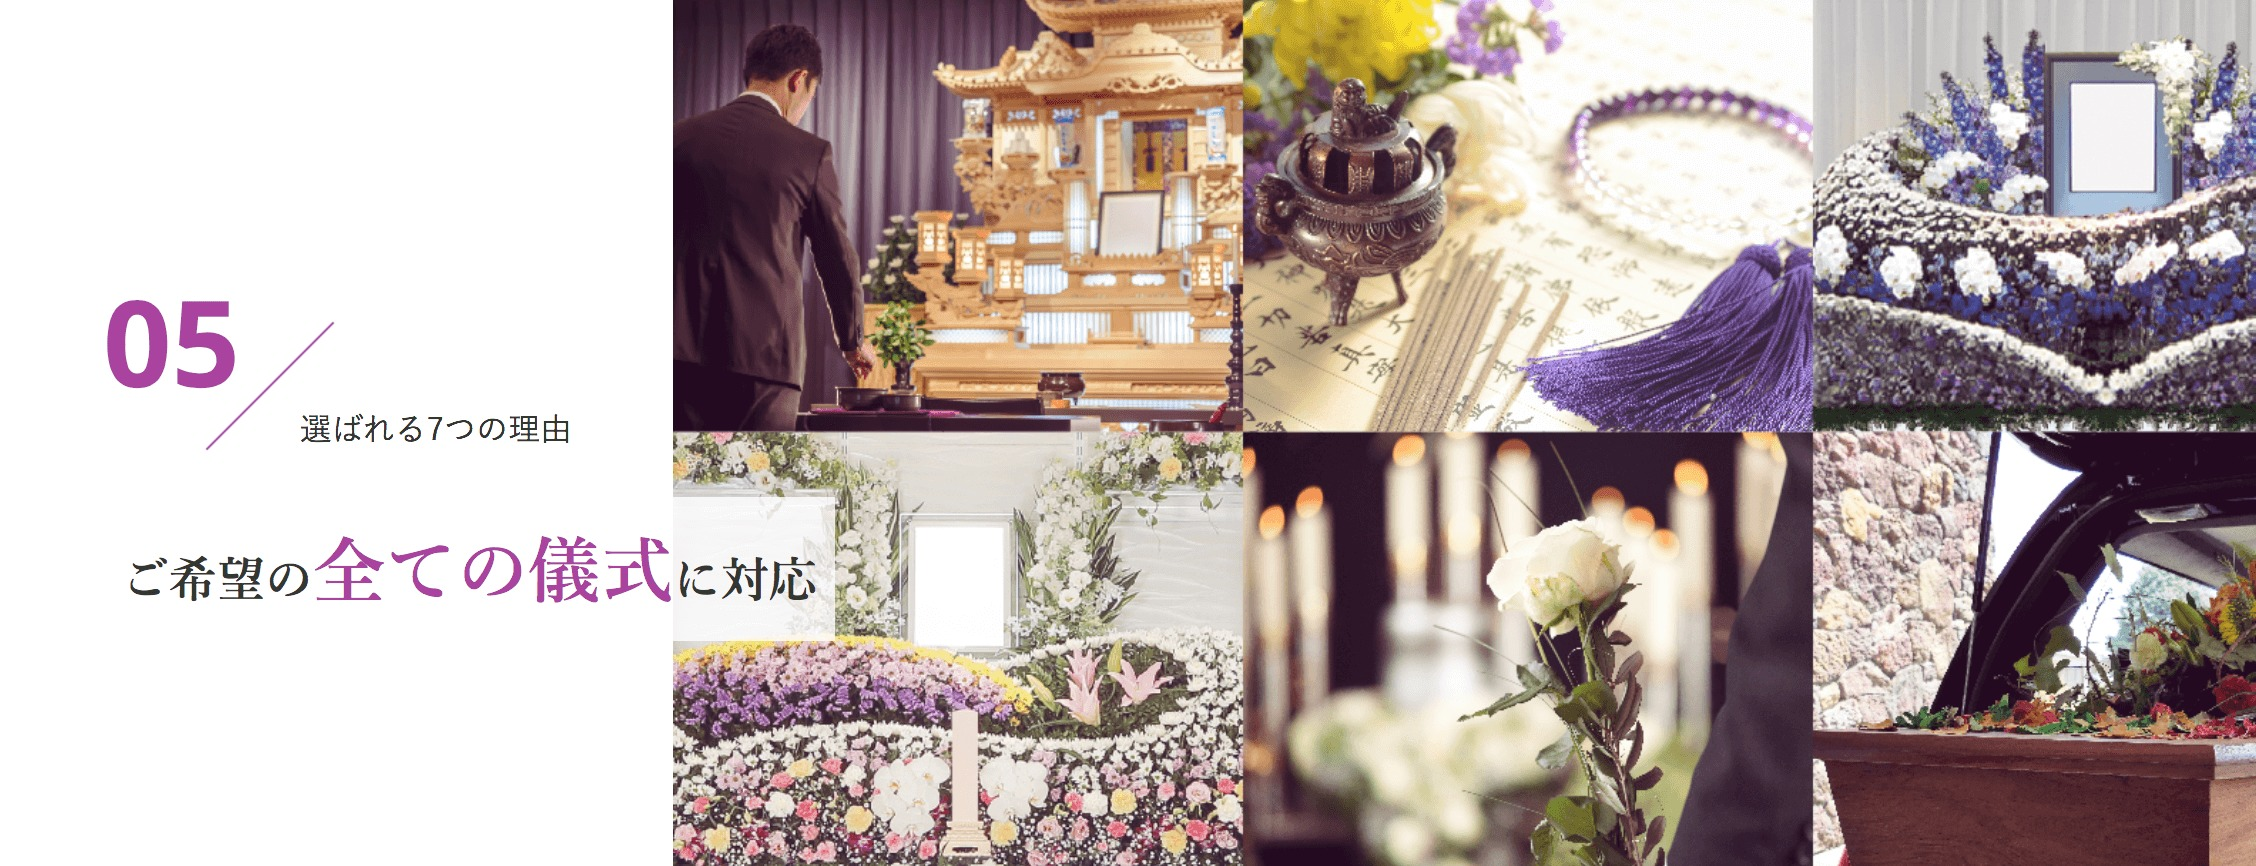 宗教や葬儀形式にとらわれないお葬式をあげられる